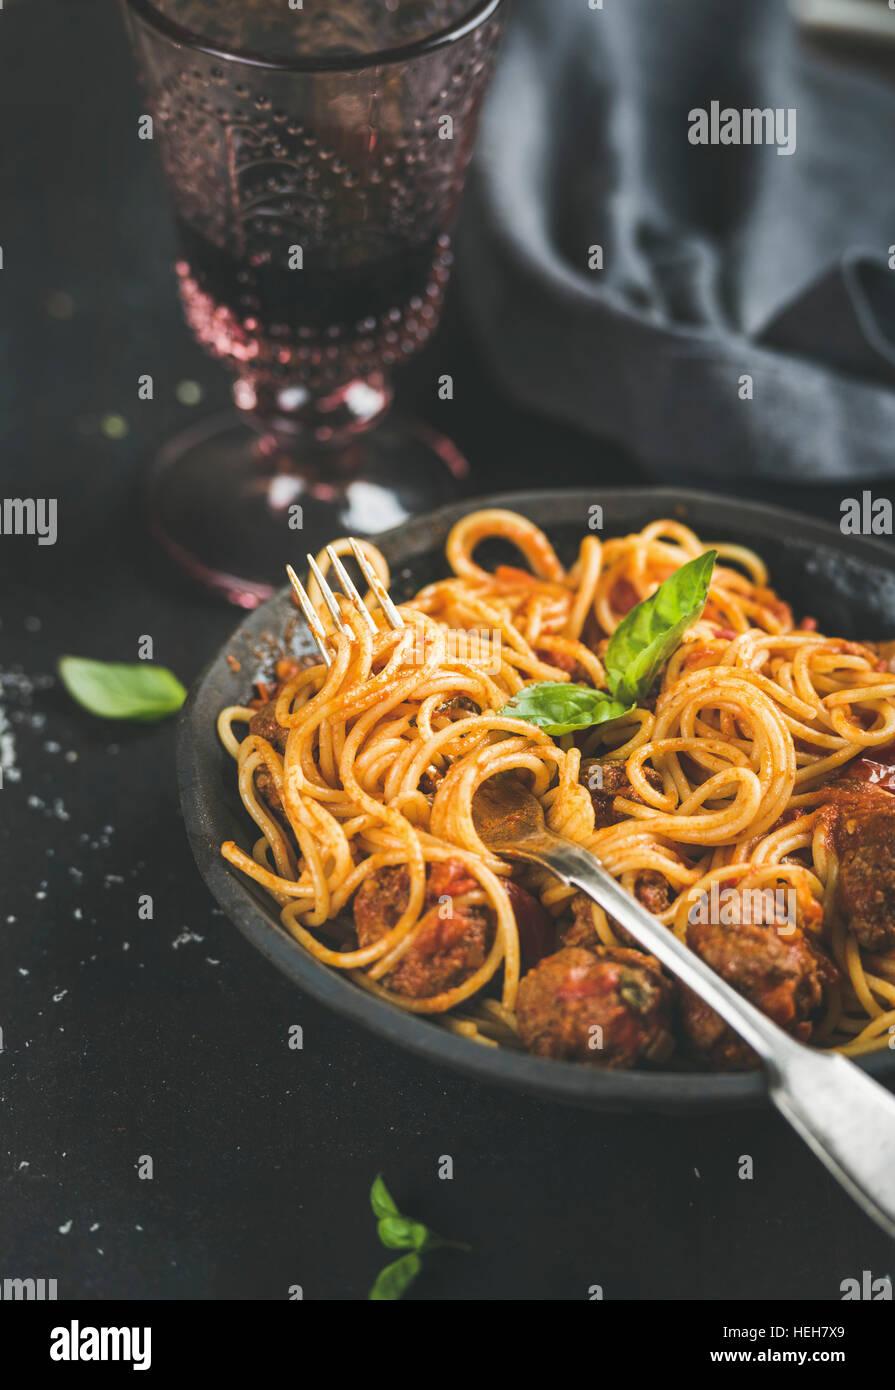 Las pastas italianas la cena. Espaguetis con meatballas, hojas de albahaca fresca en la oscuridad y la placa de Imagen De Stock